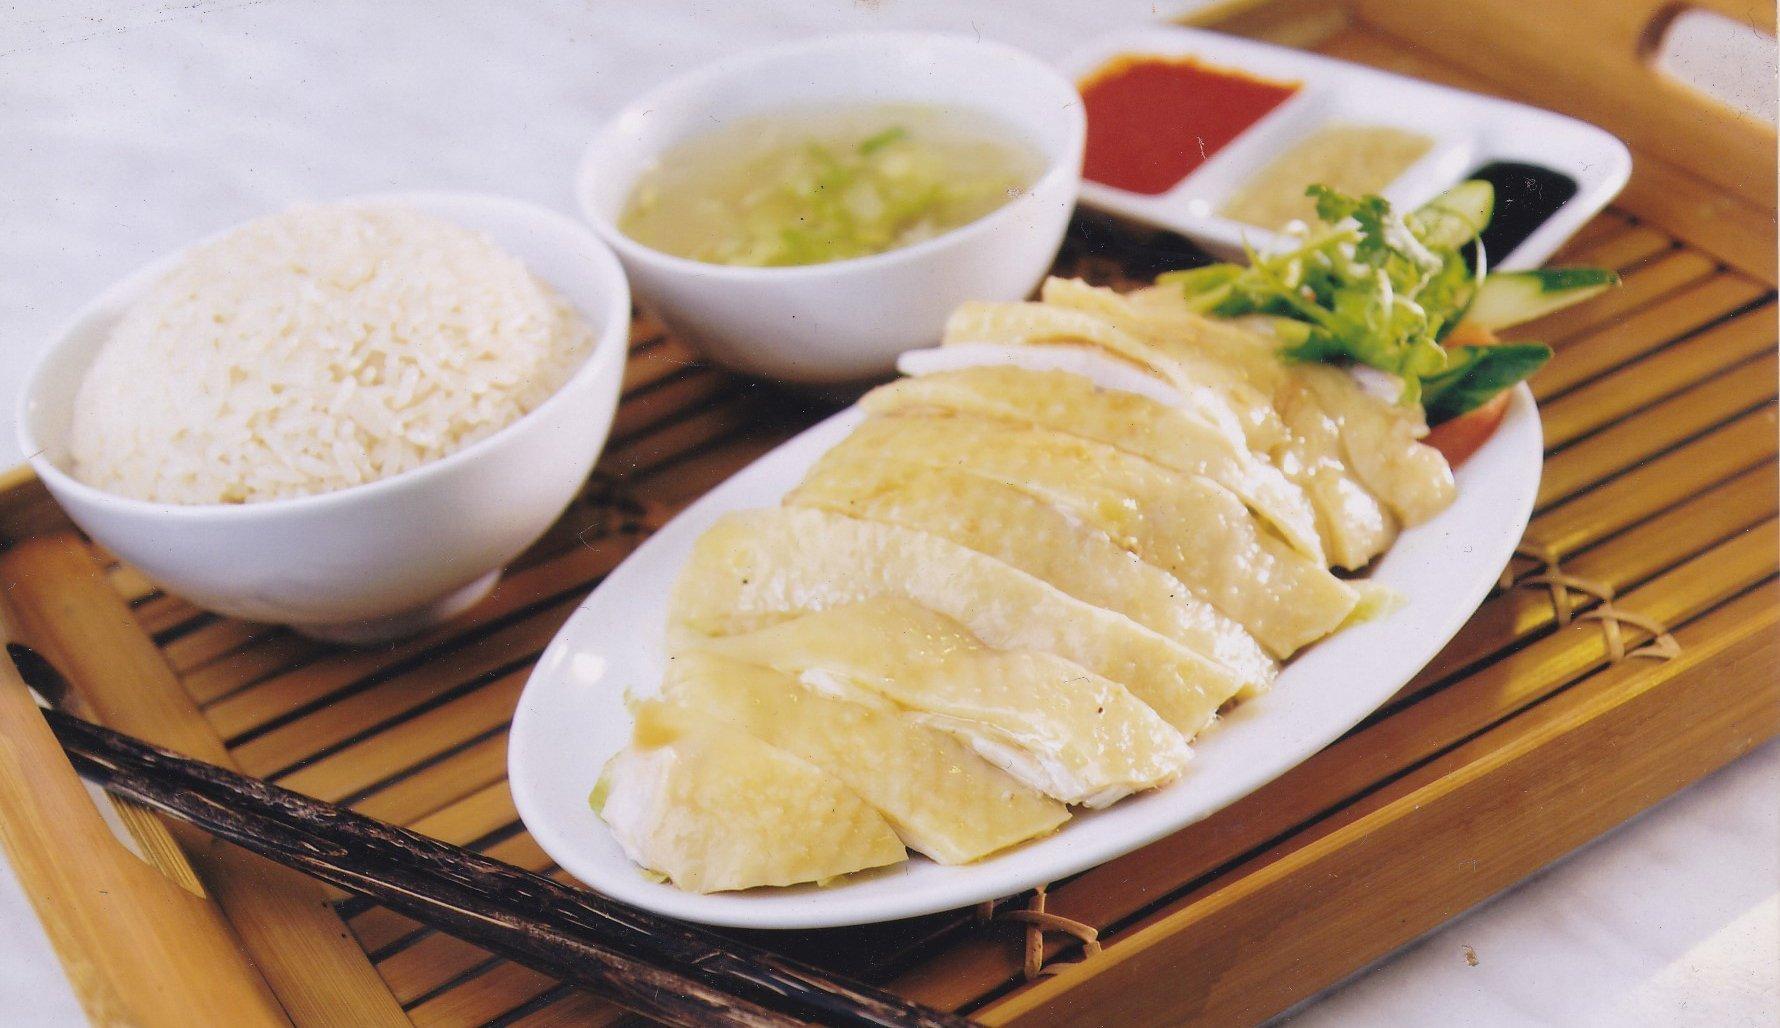 世界美食大师-CNN 全球50大美食 45 新加坡海南鸡饭